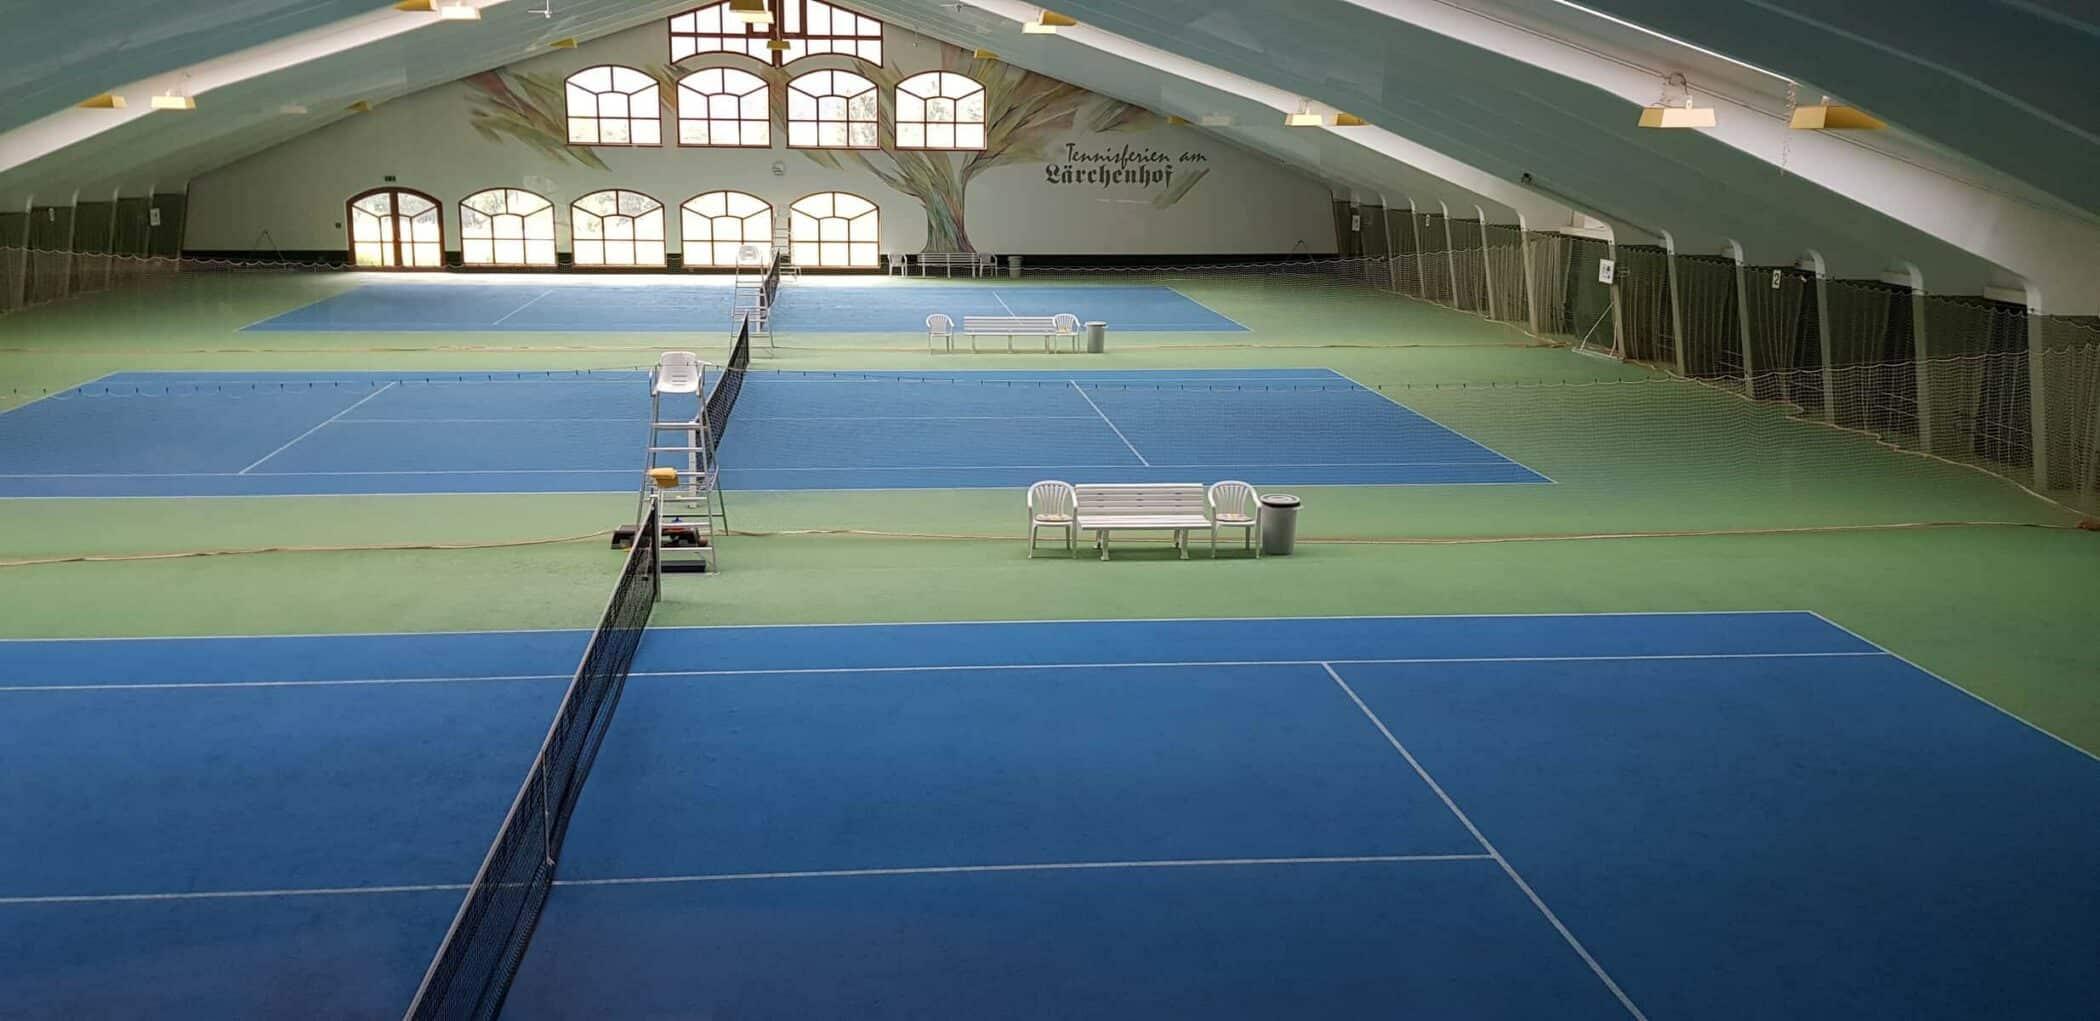 Laerchenhof indoor tennis